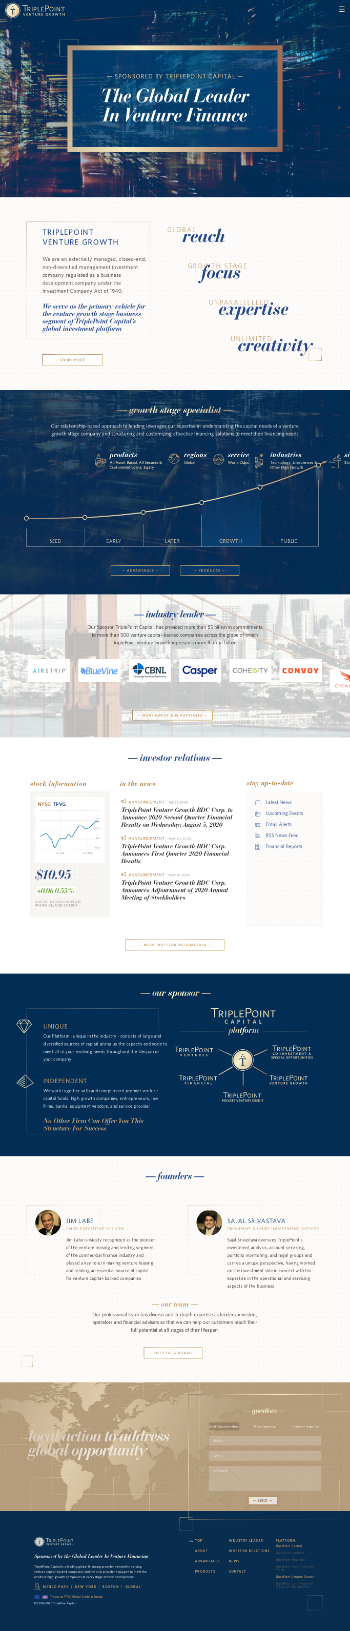 TriplePoint Venture Growth BDC Corp. Website Screenshot